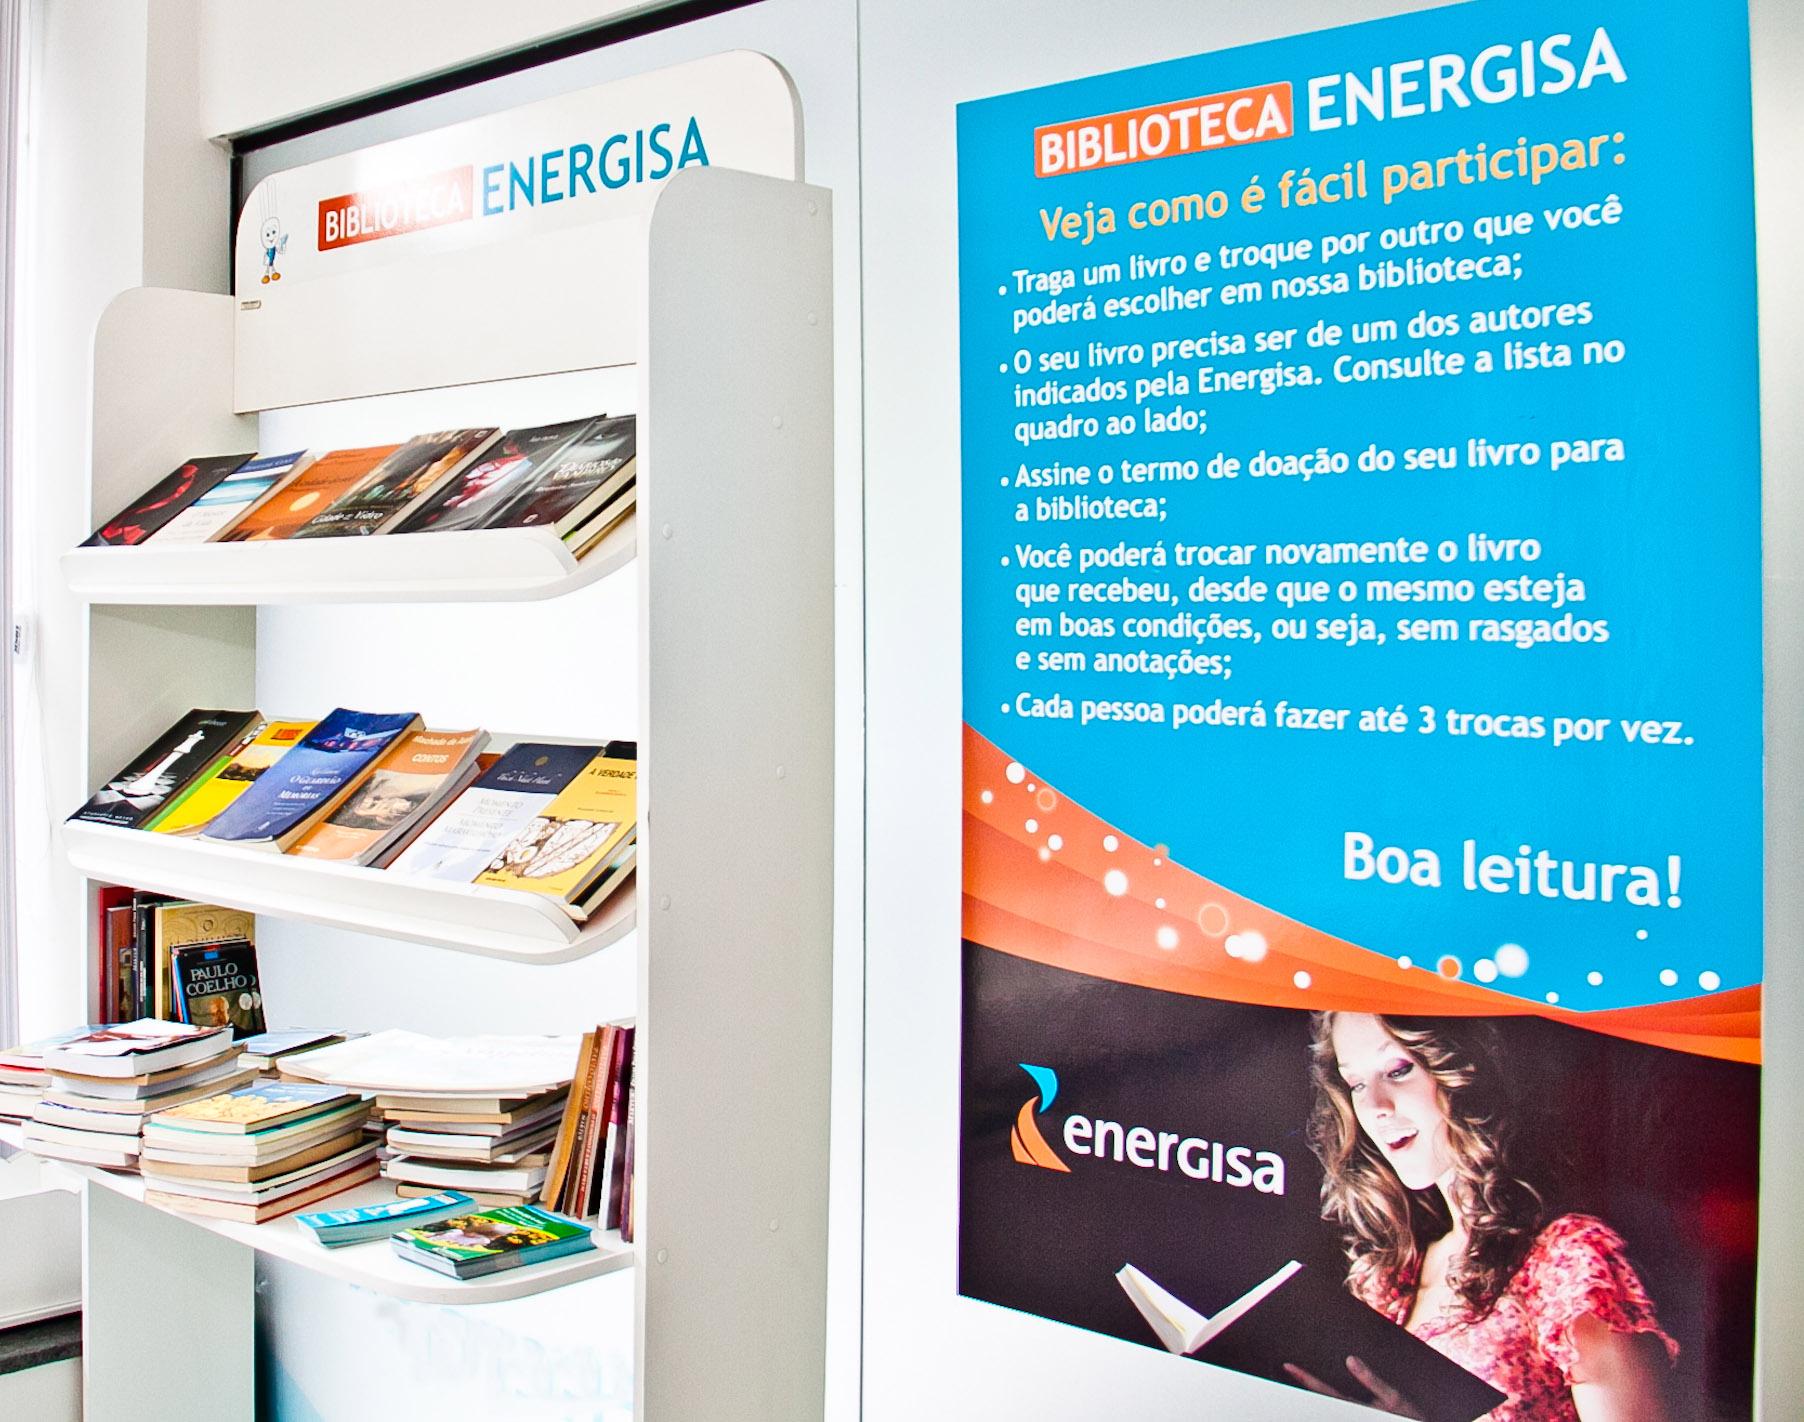 Biblioteca Energisa